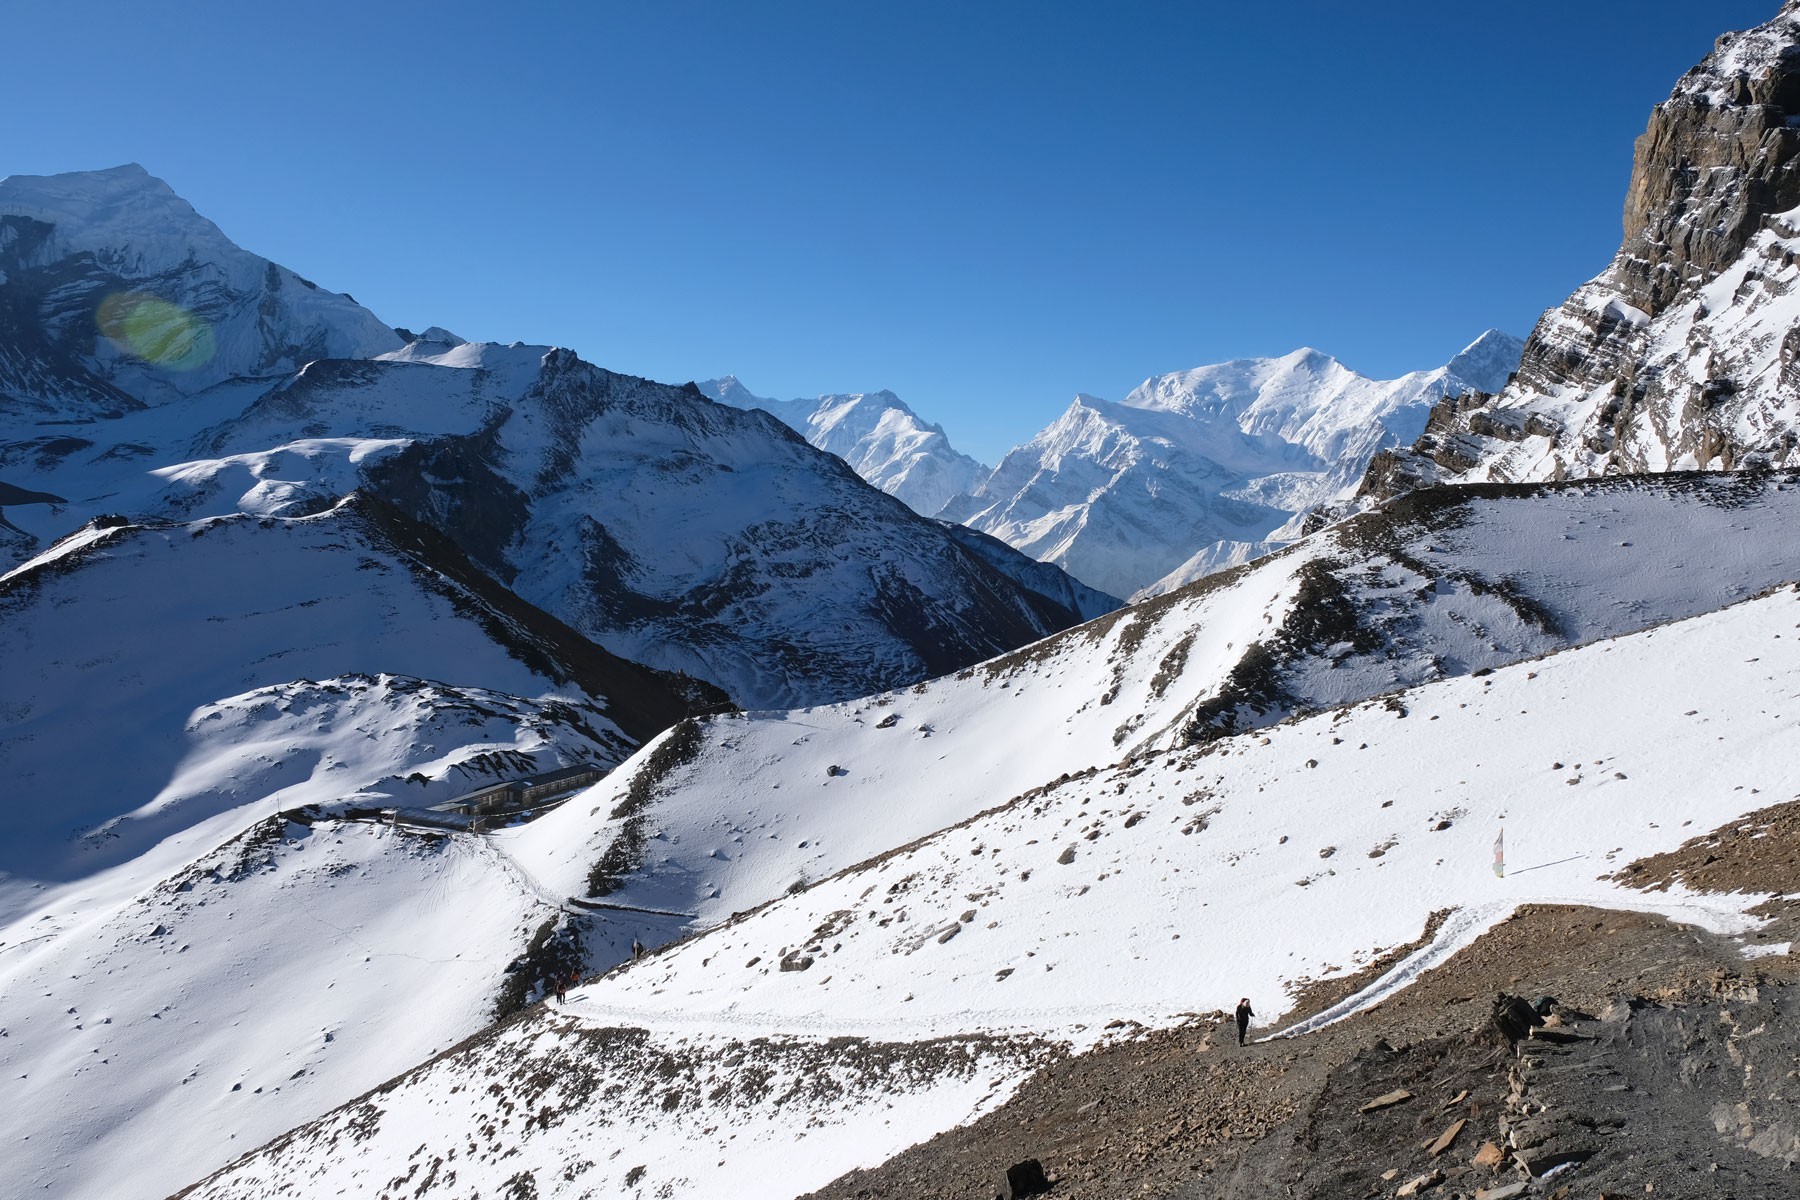 Das High Camp des Annapurna Circuit inmitten schneebedeckter Berge.